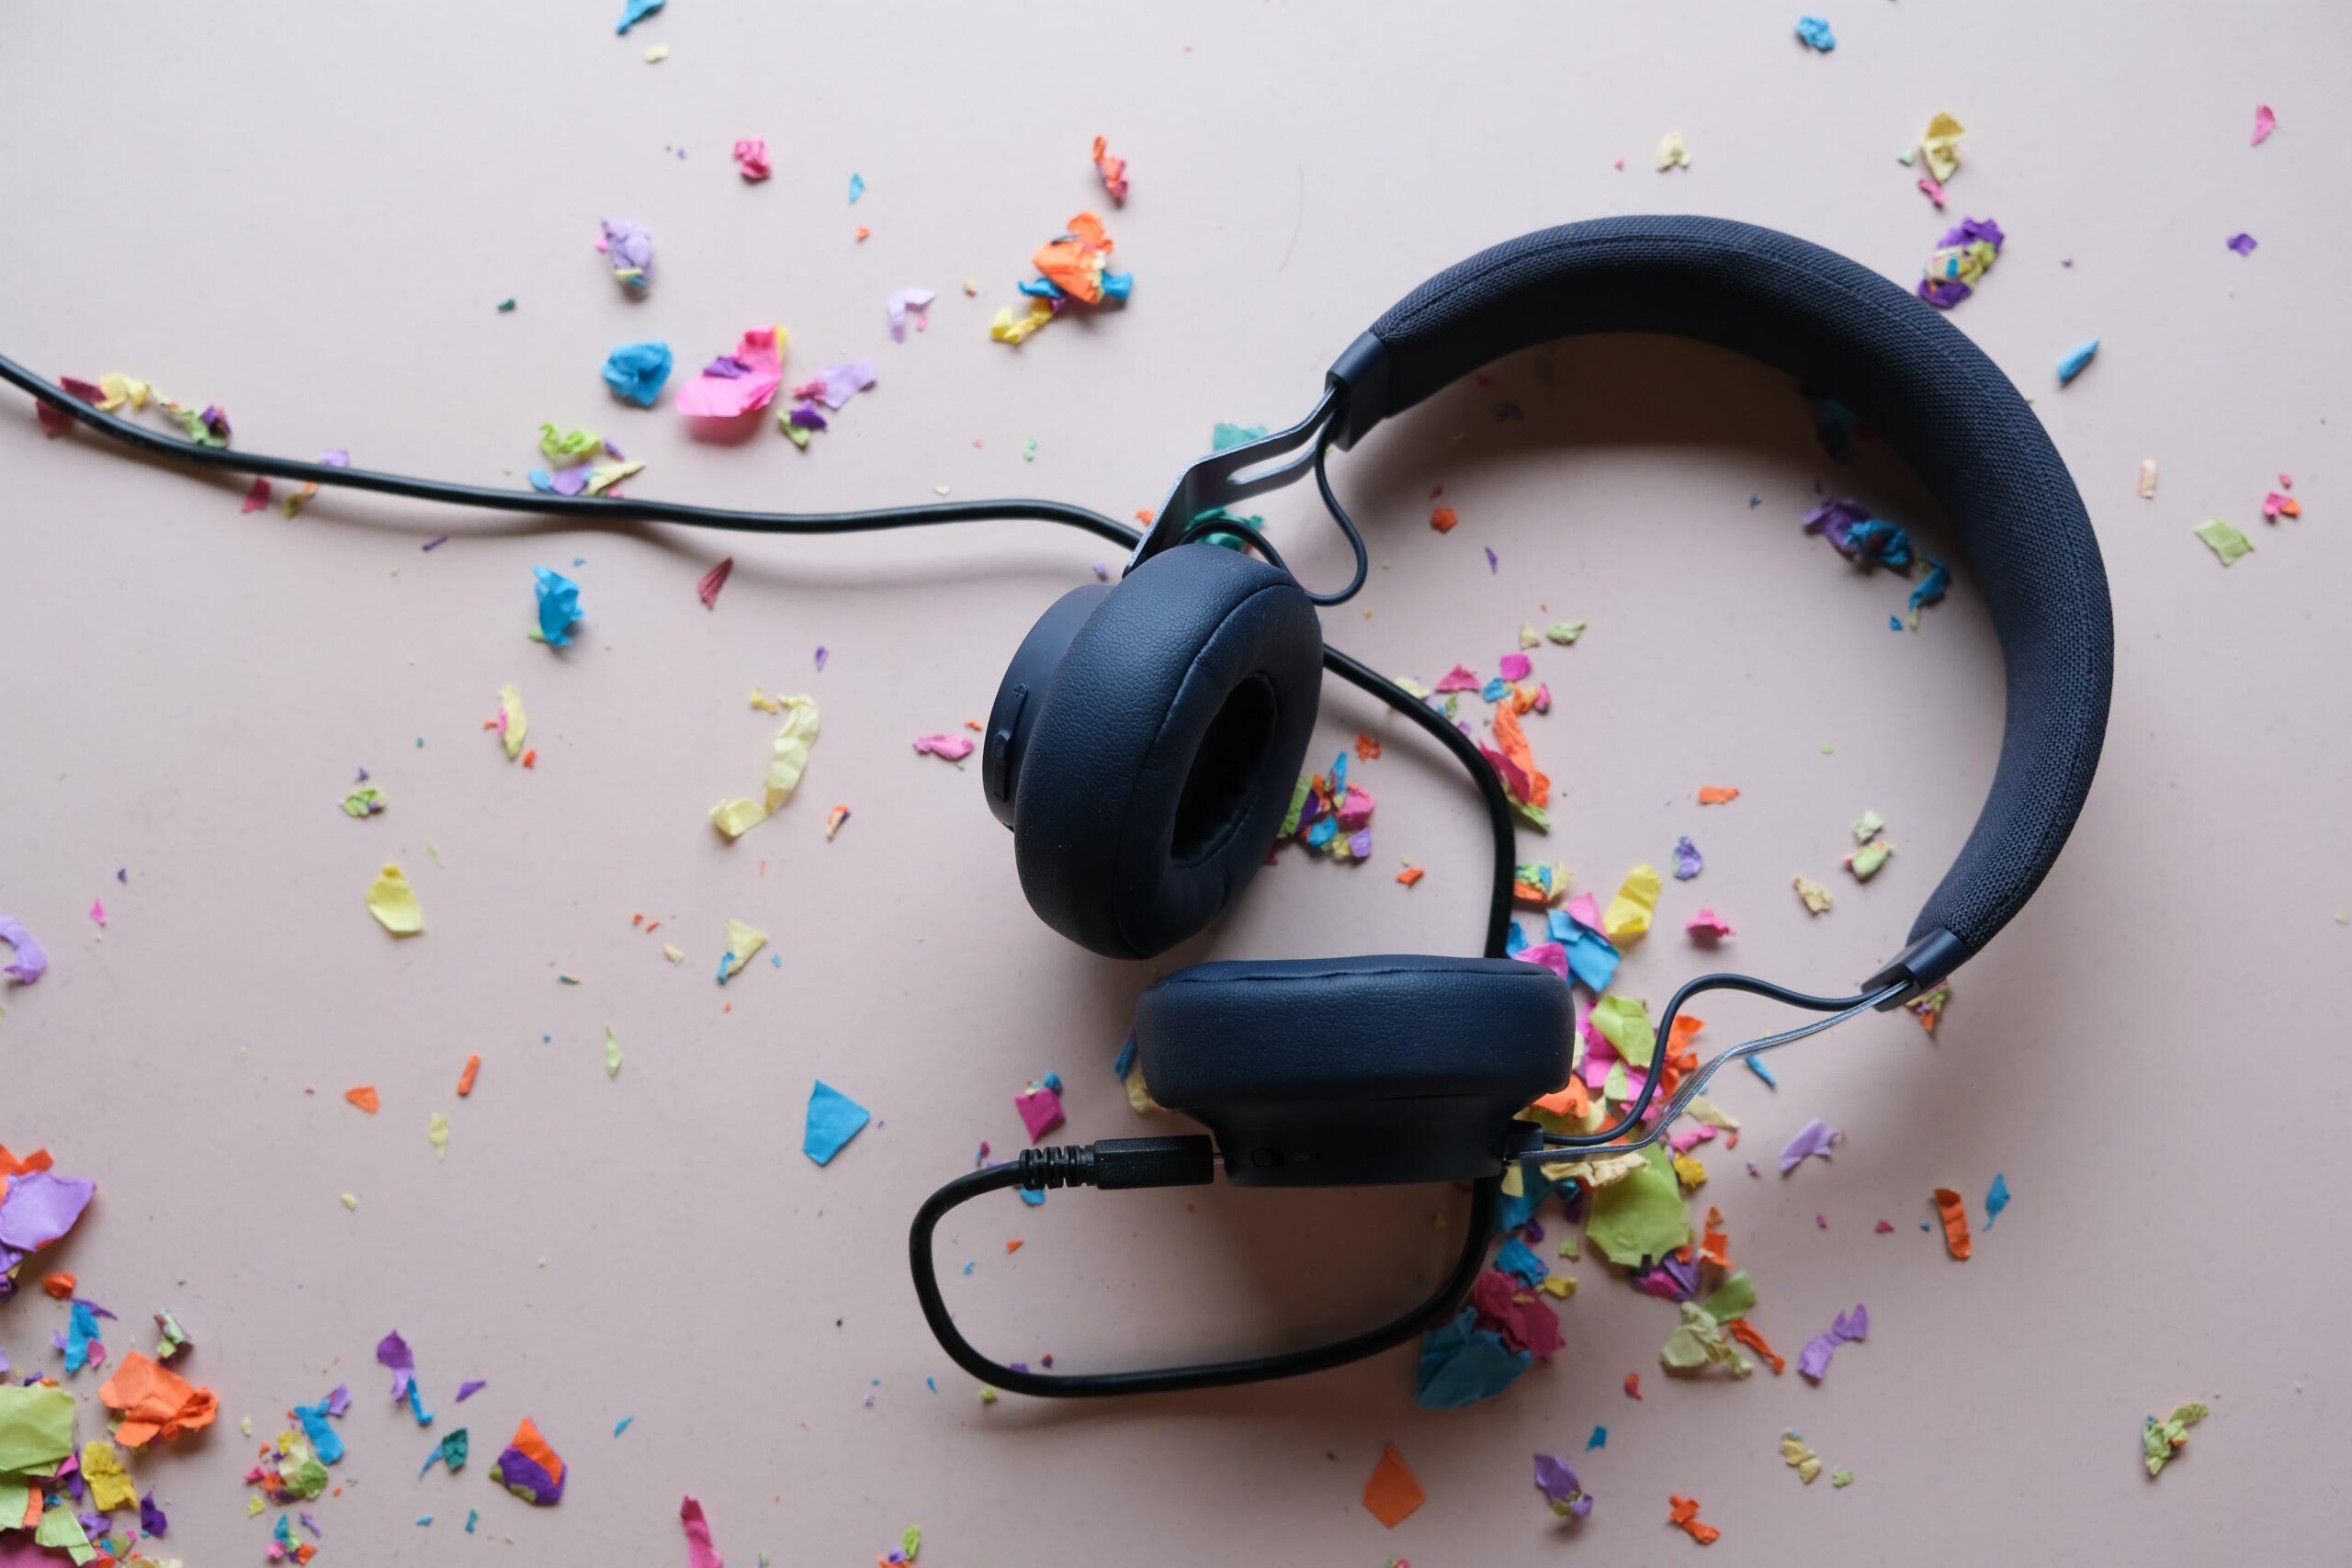 Billede af høretelefoner og konfetti